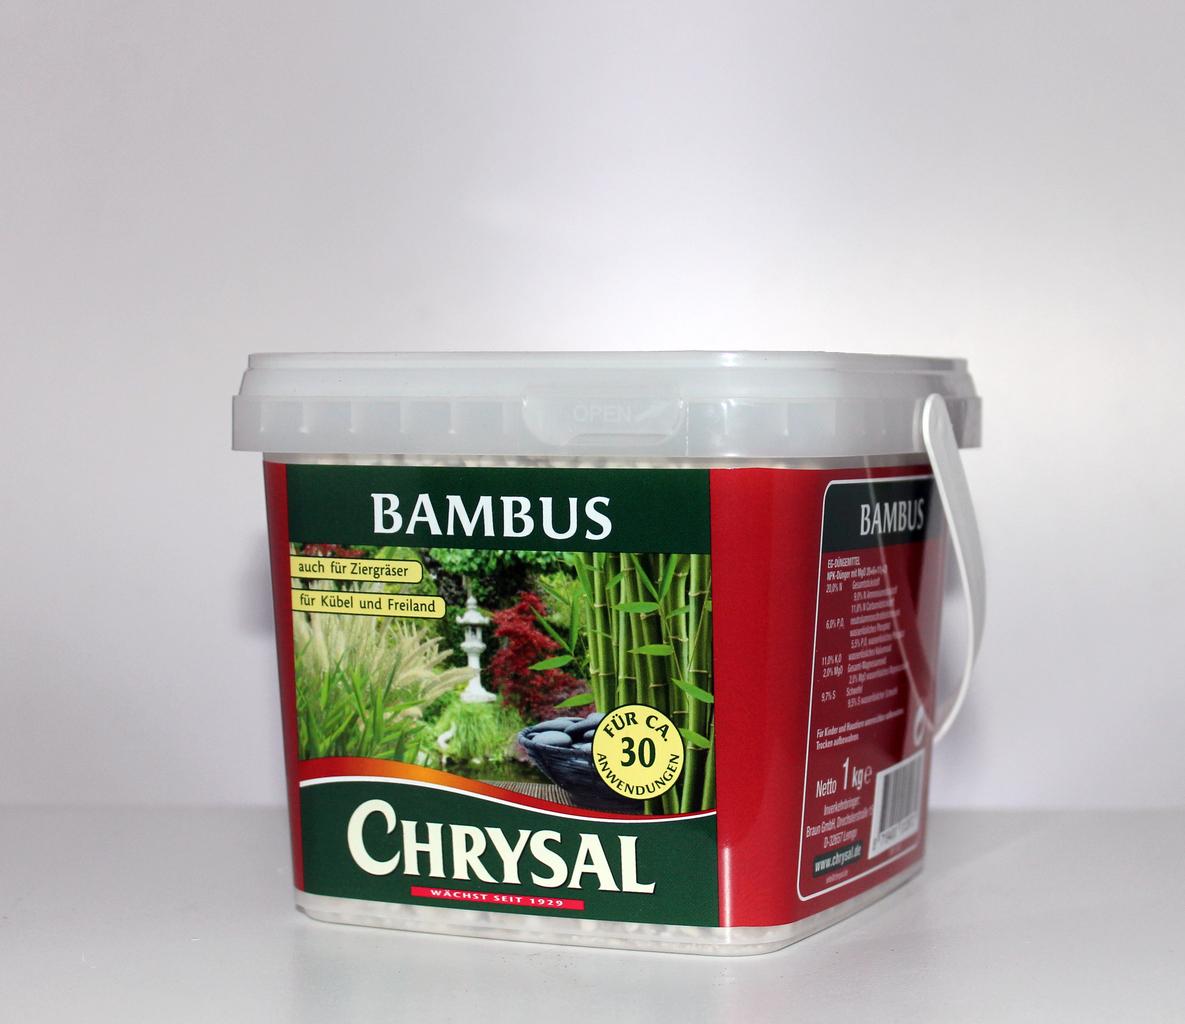 chrysal bambusd nger ziergr serd nger 1 kg ebay. Black Bedroom Furniture Sets. Home Design Ideas